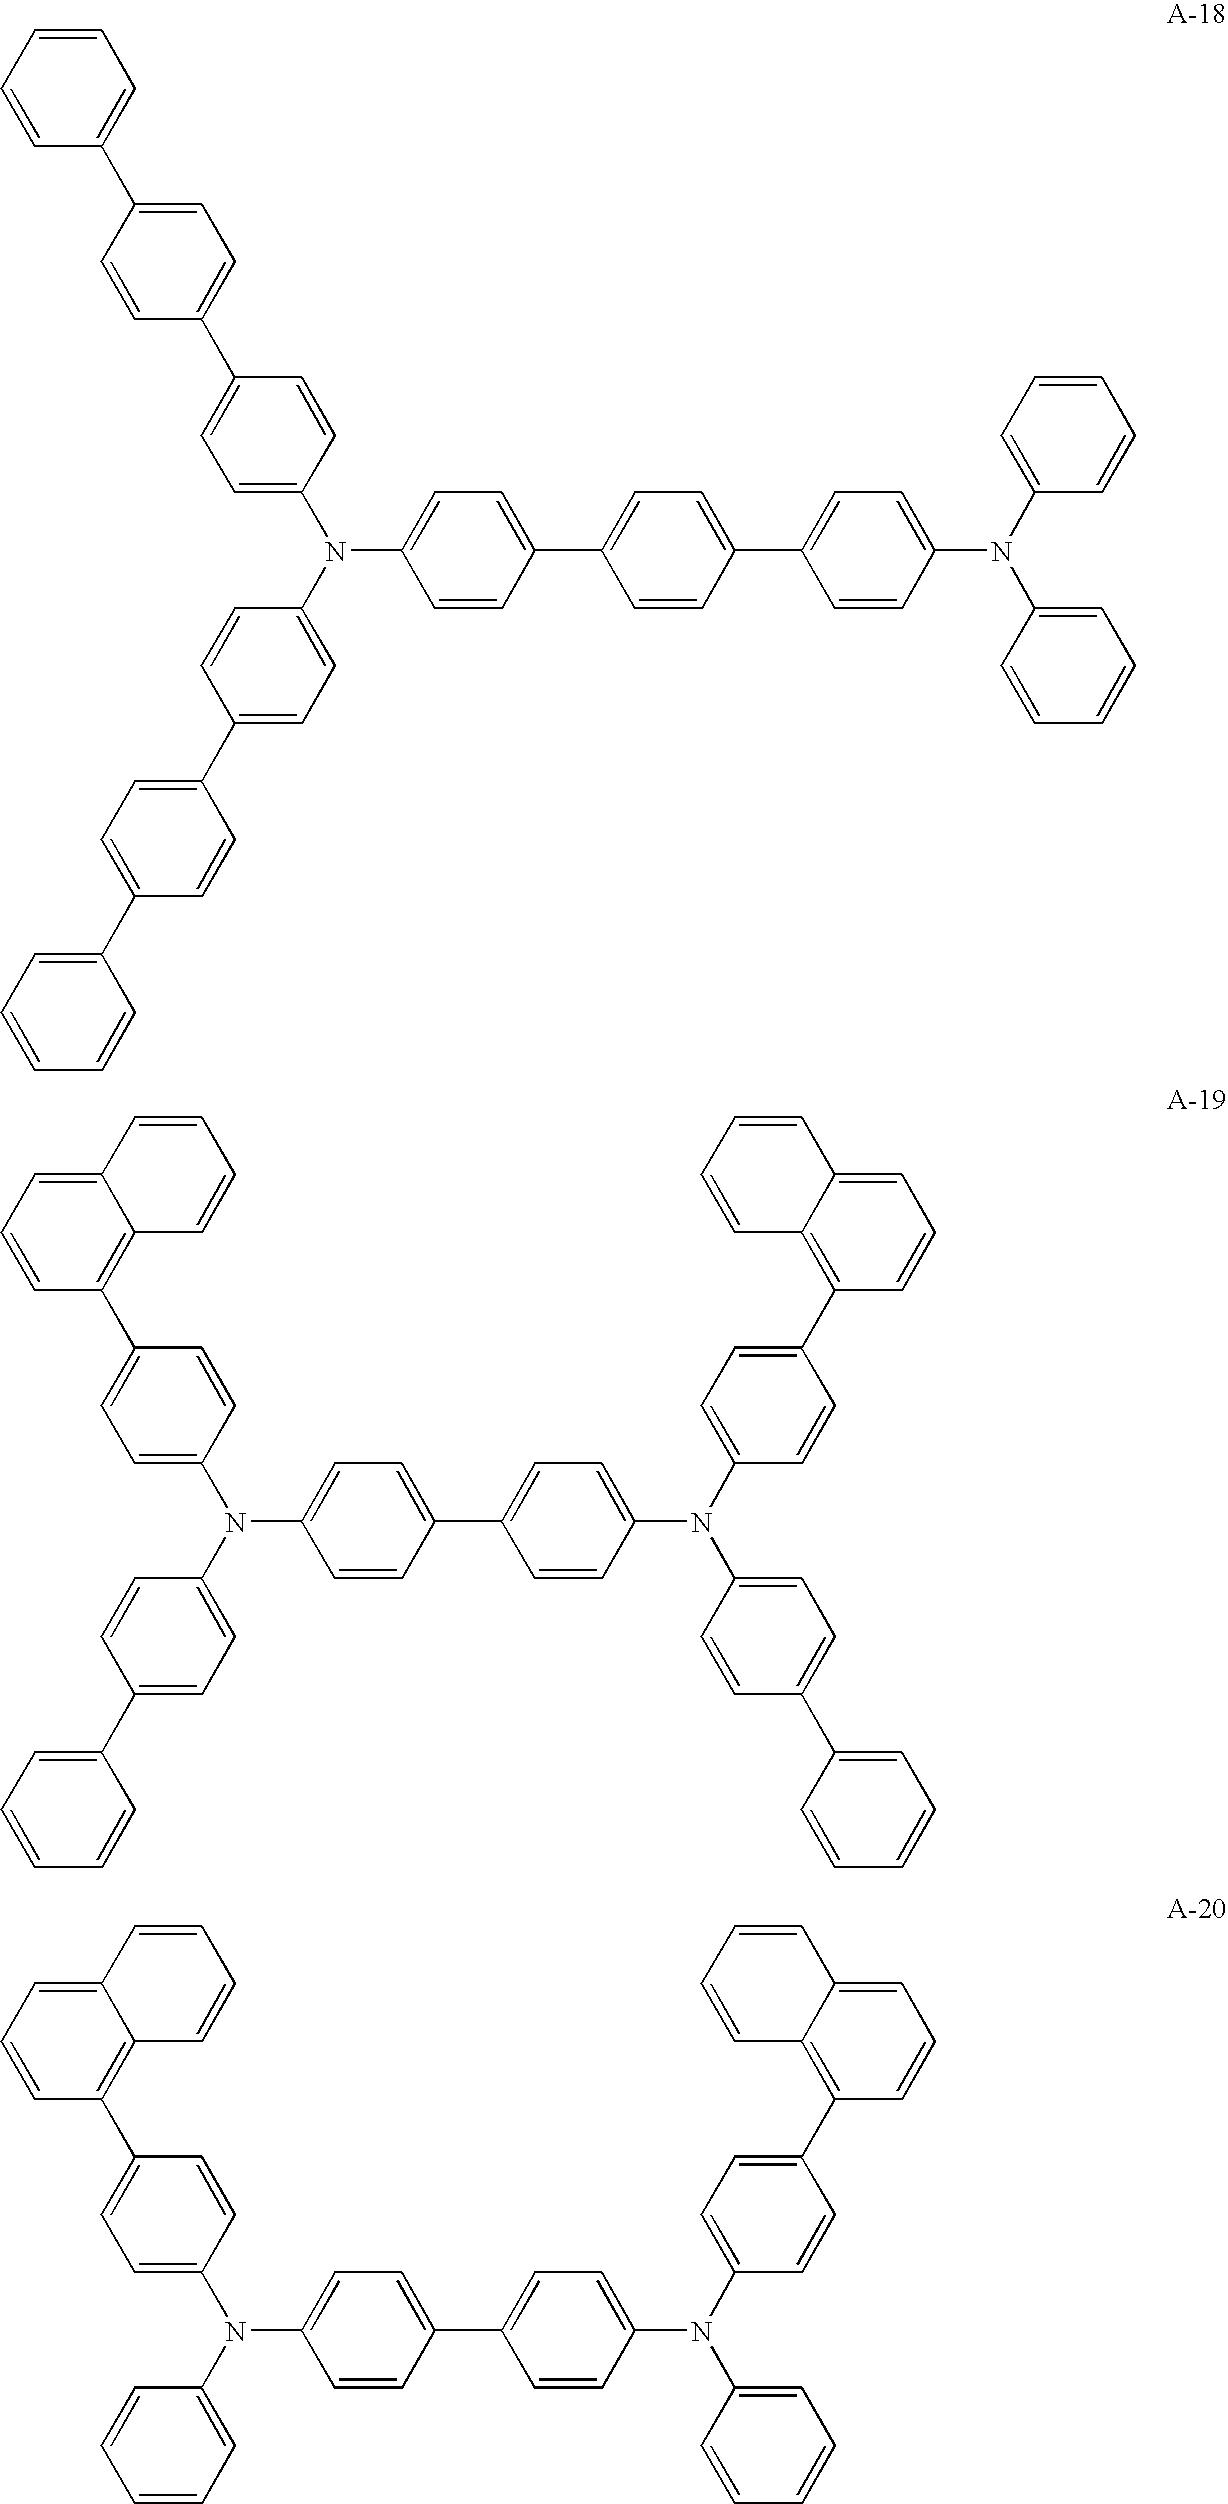 Figure US20080049413A1-20080228-C00013